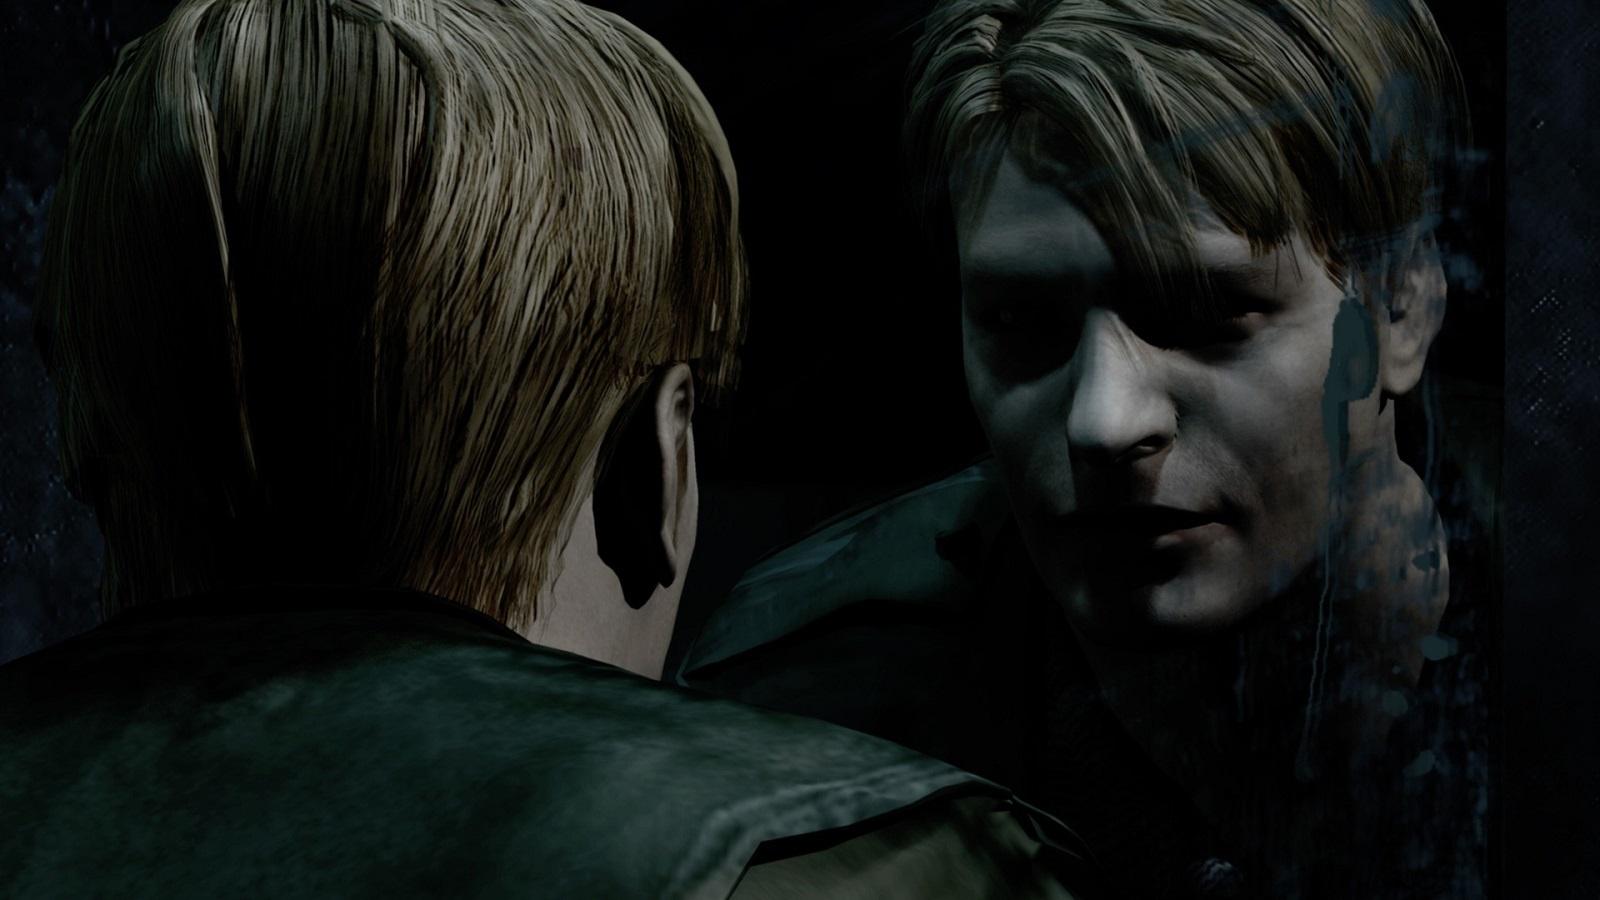 Инсайдеры продолжают утверждать, что Sony работает над перезапуском Silent Hill